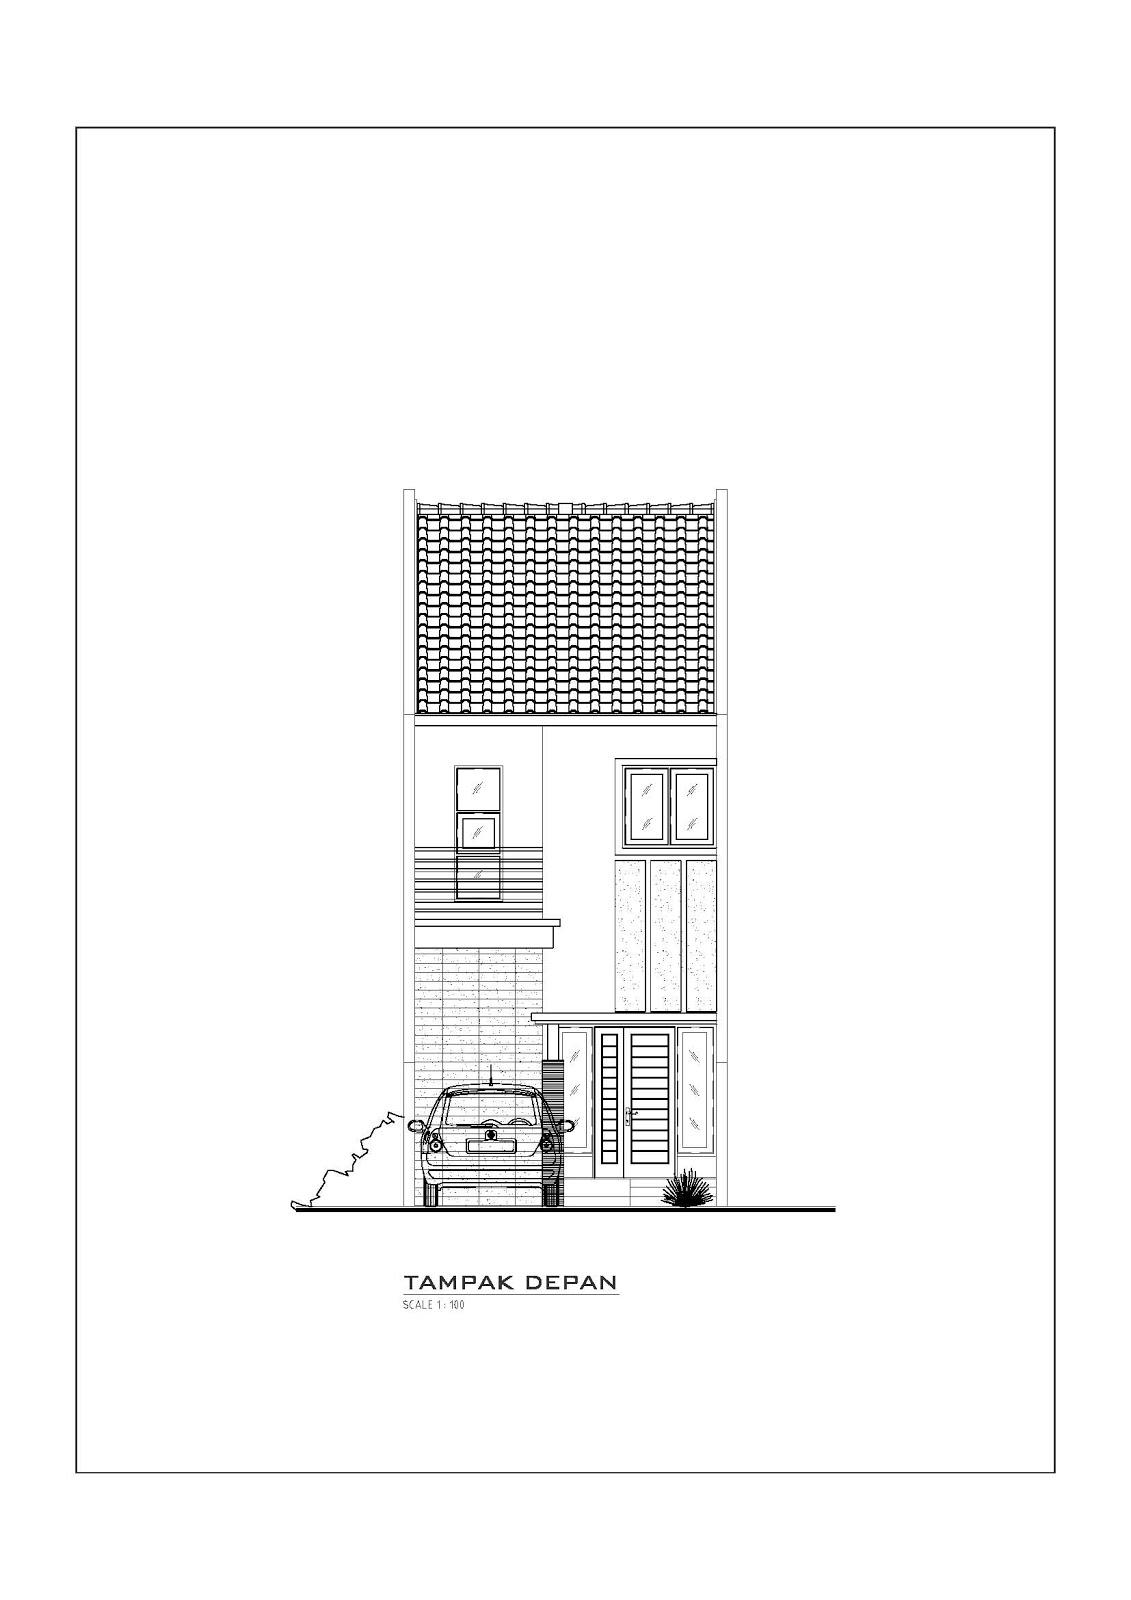 Desain Rumah Mungil Minimalis Gratis Untuk Anda Modelminimalis.info